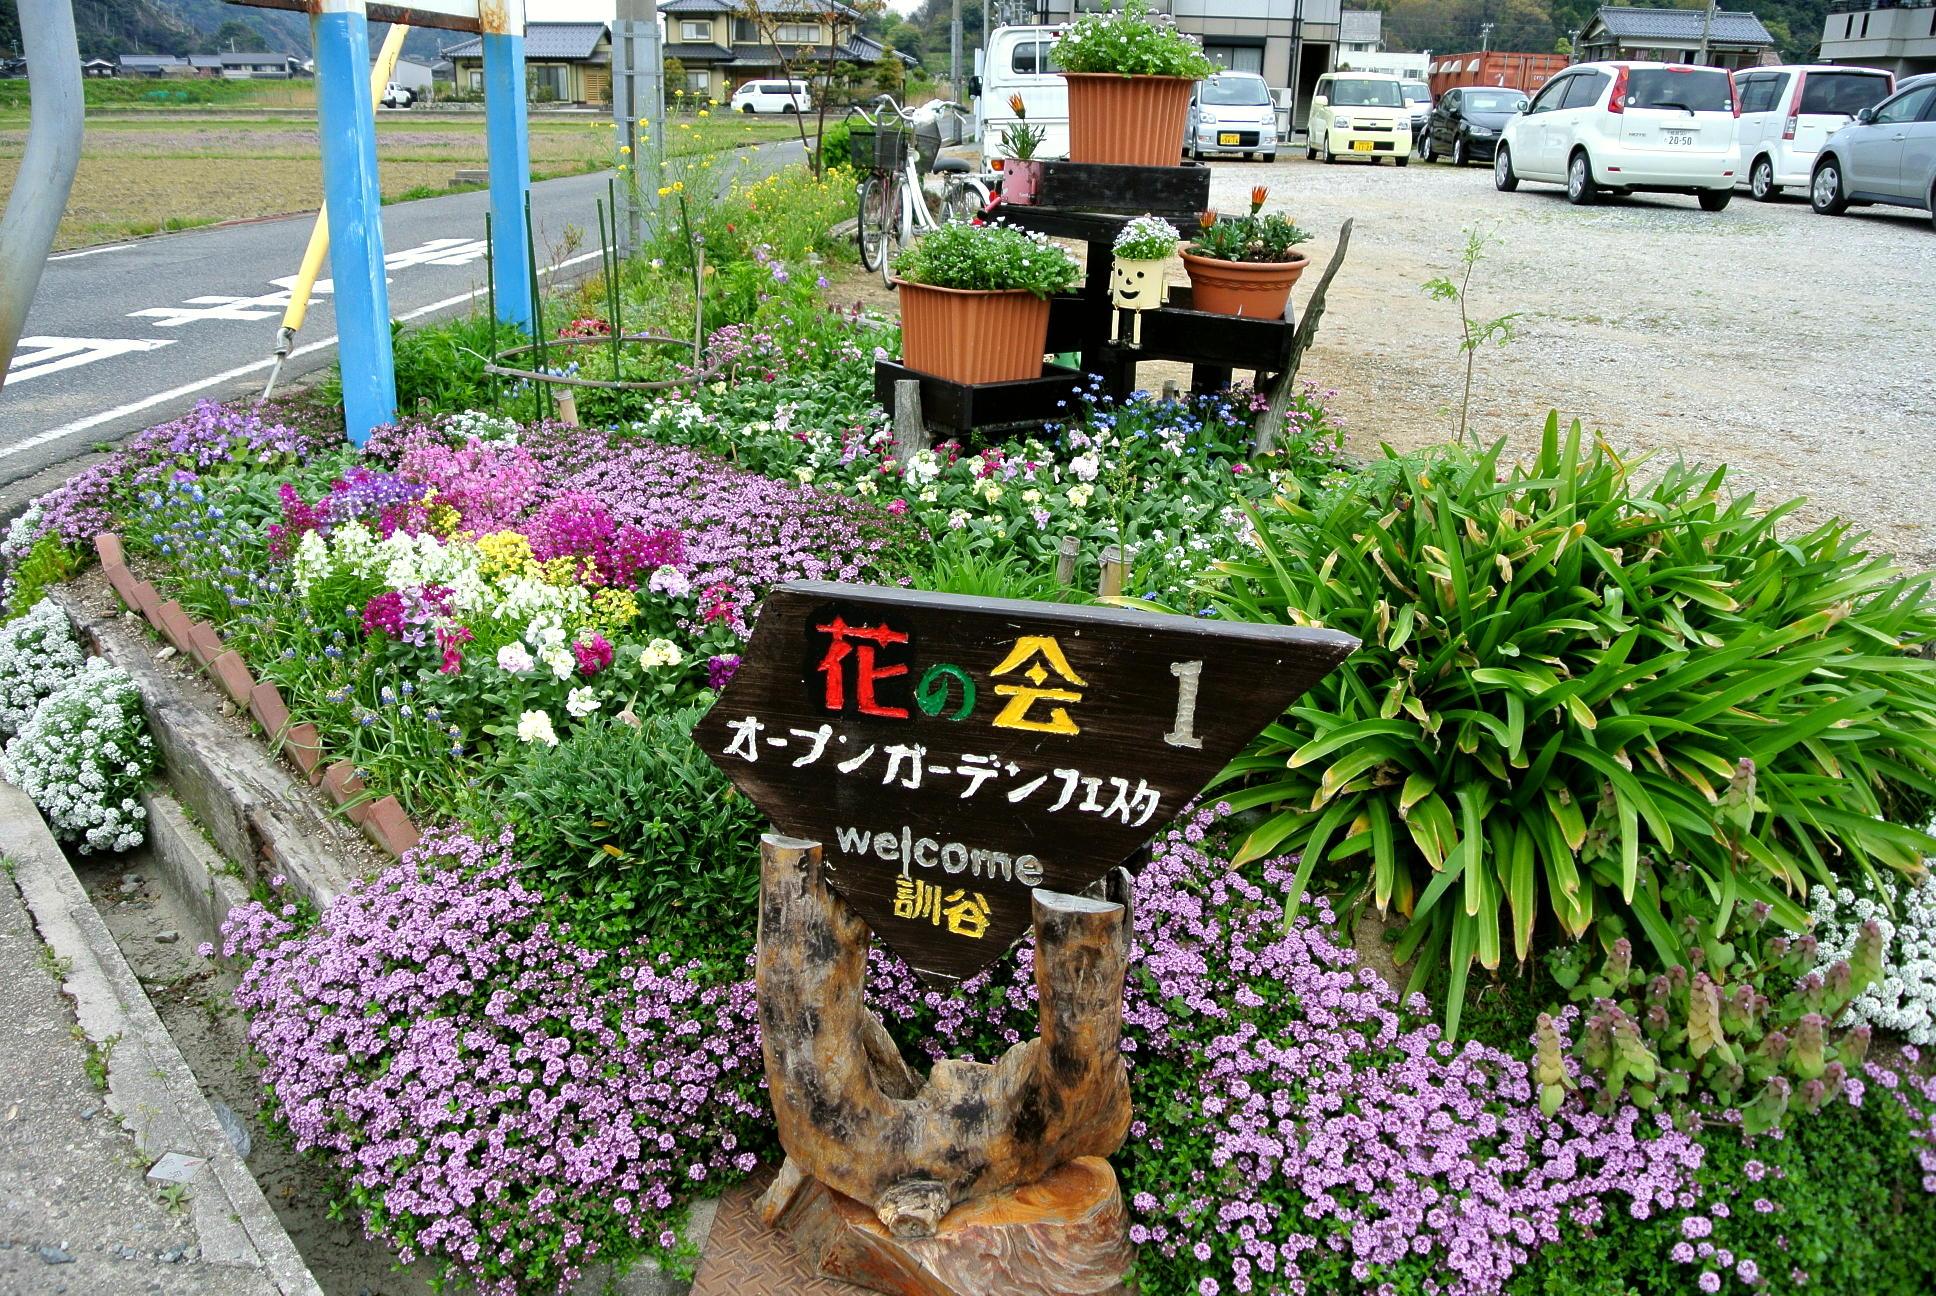 第10回訓谷オープンガーデンフェスタが面白い理由(3)「まちあるきガイド開催!」